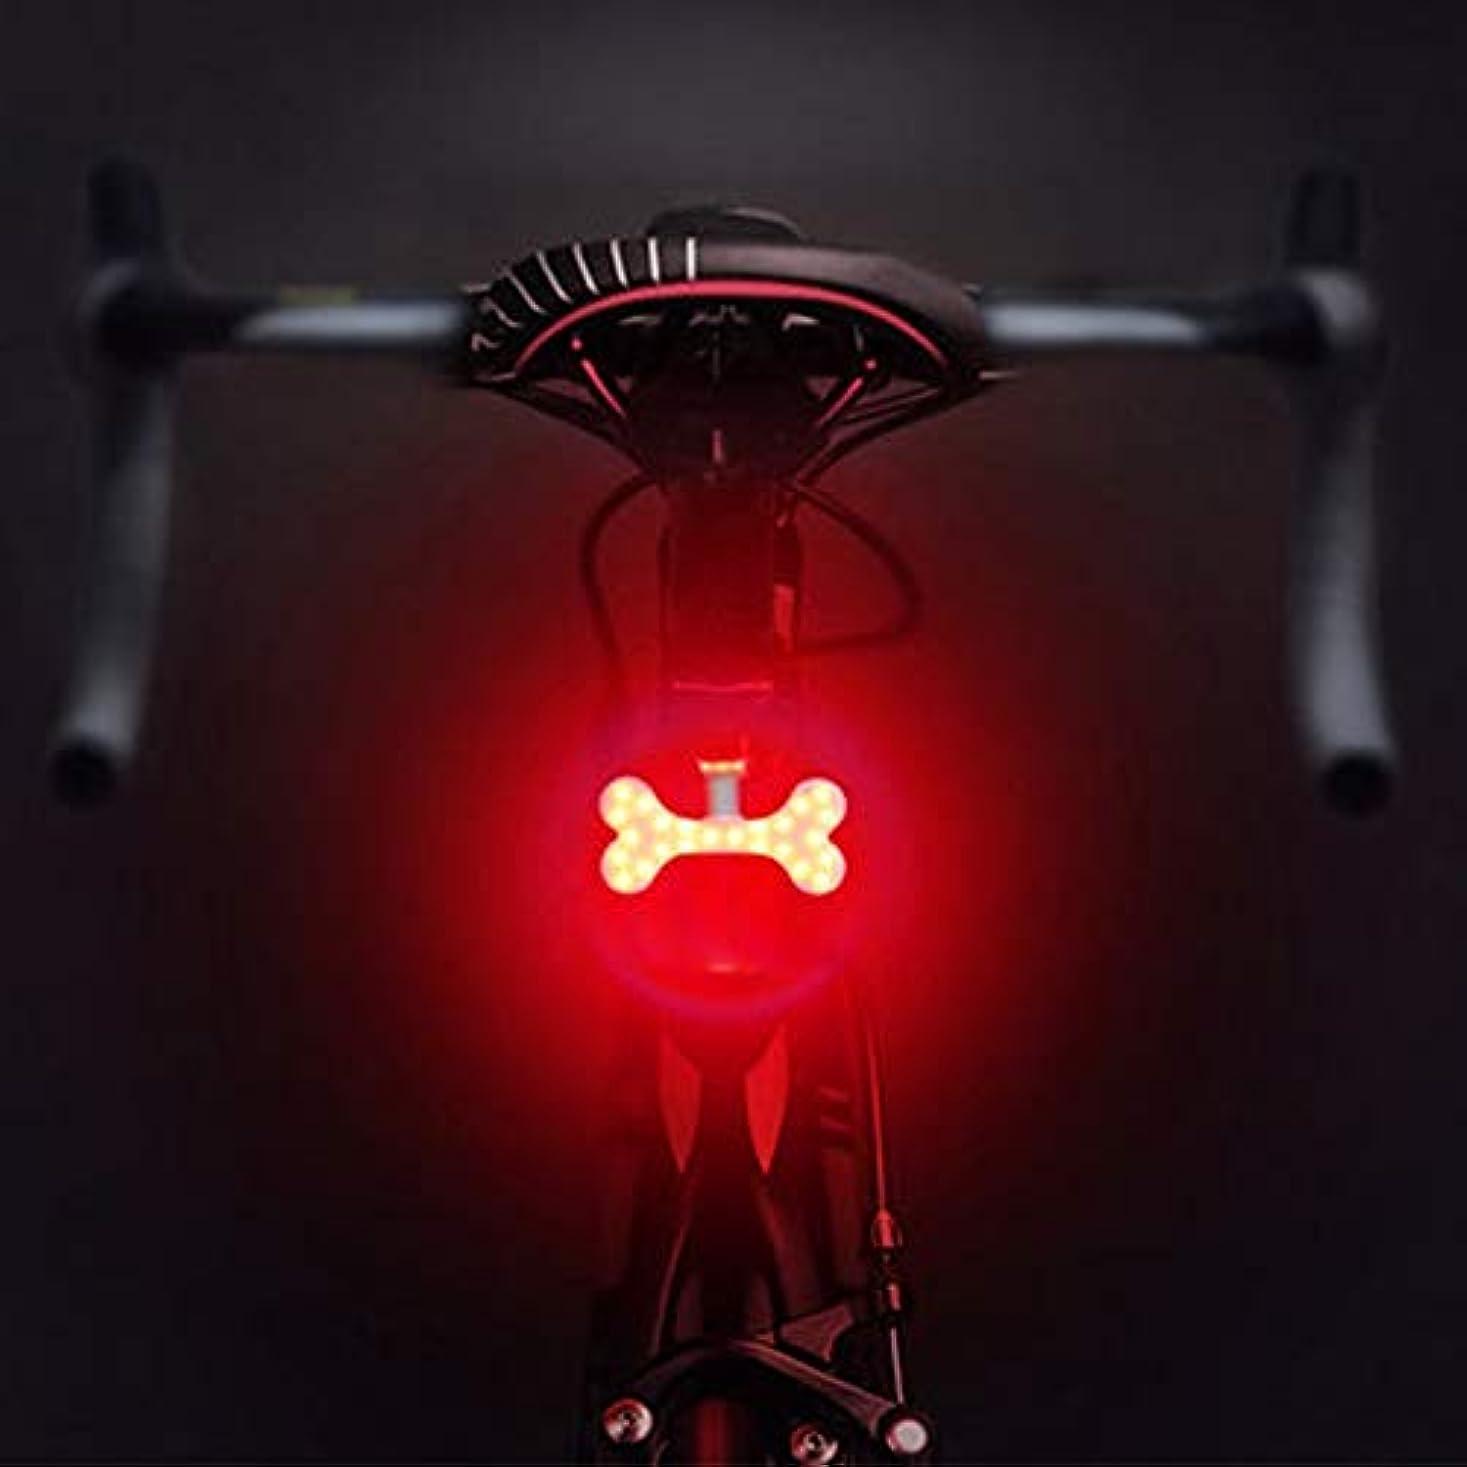 過半数合理的ありがたいUSB充電式自転車ライト 自転車用リアライト、5つのライトモード自転車用テールライト、USB充電式自転車用ライトフック&ループストラップ付き防水自転車用ライトあらゆるバイク/ヘルメット、レッド&ブルーライトにフィット (Color : Pattern-02)